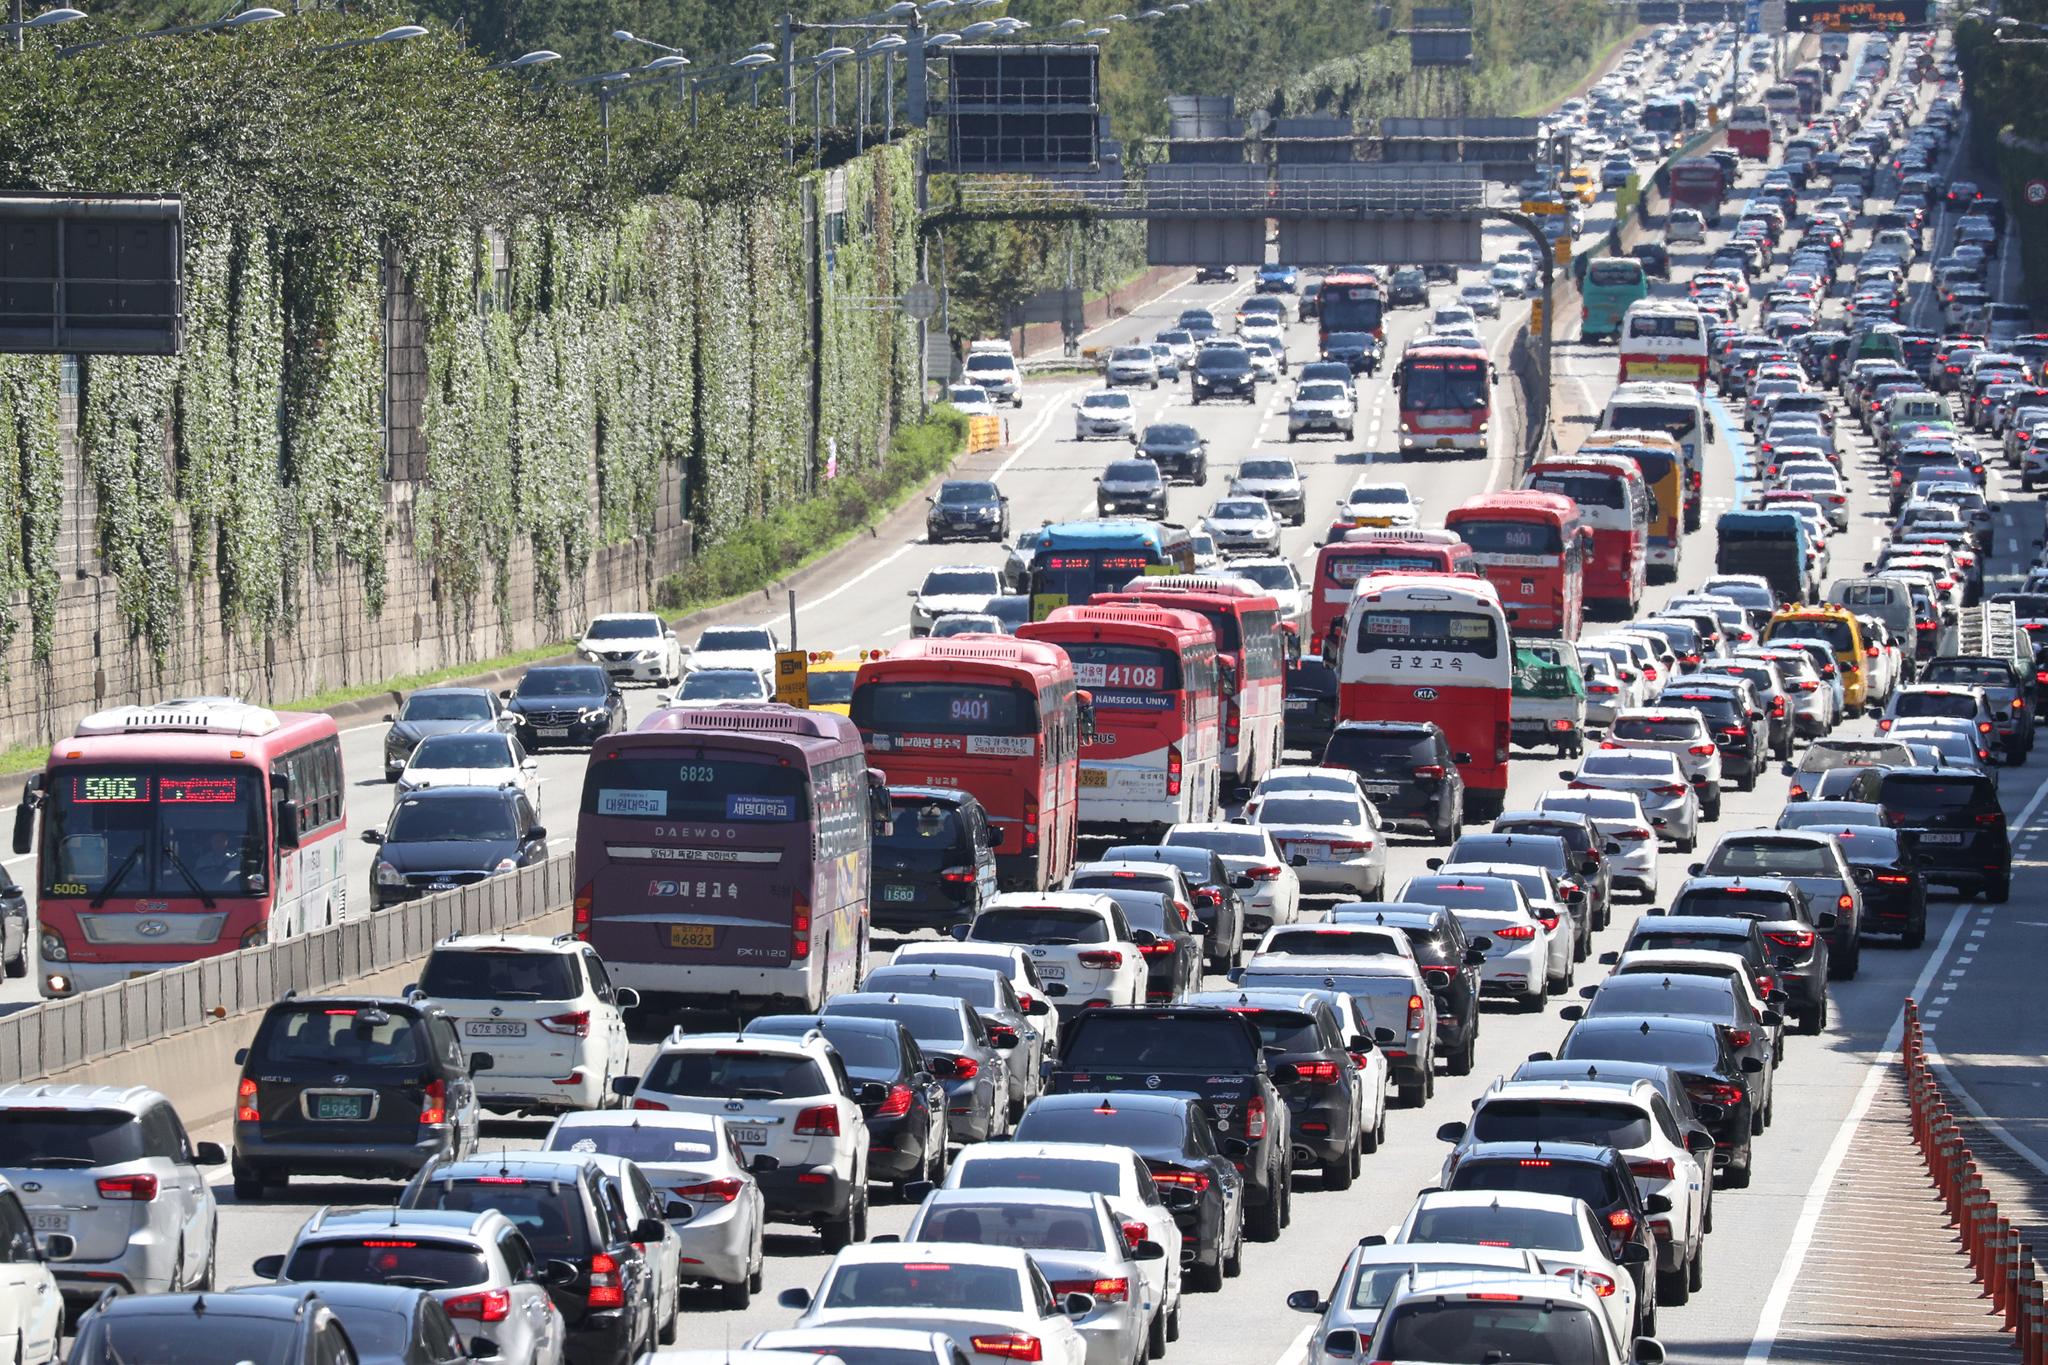 13일 서울 서초구 경부고속도로 잠원IC 부근 상하행선이 정체를 빚으며 차량들이 서행하고 있다. [뉴스1]